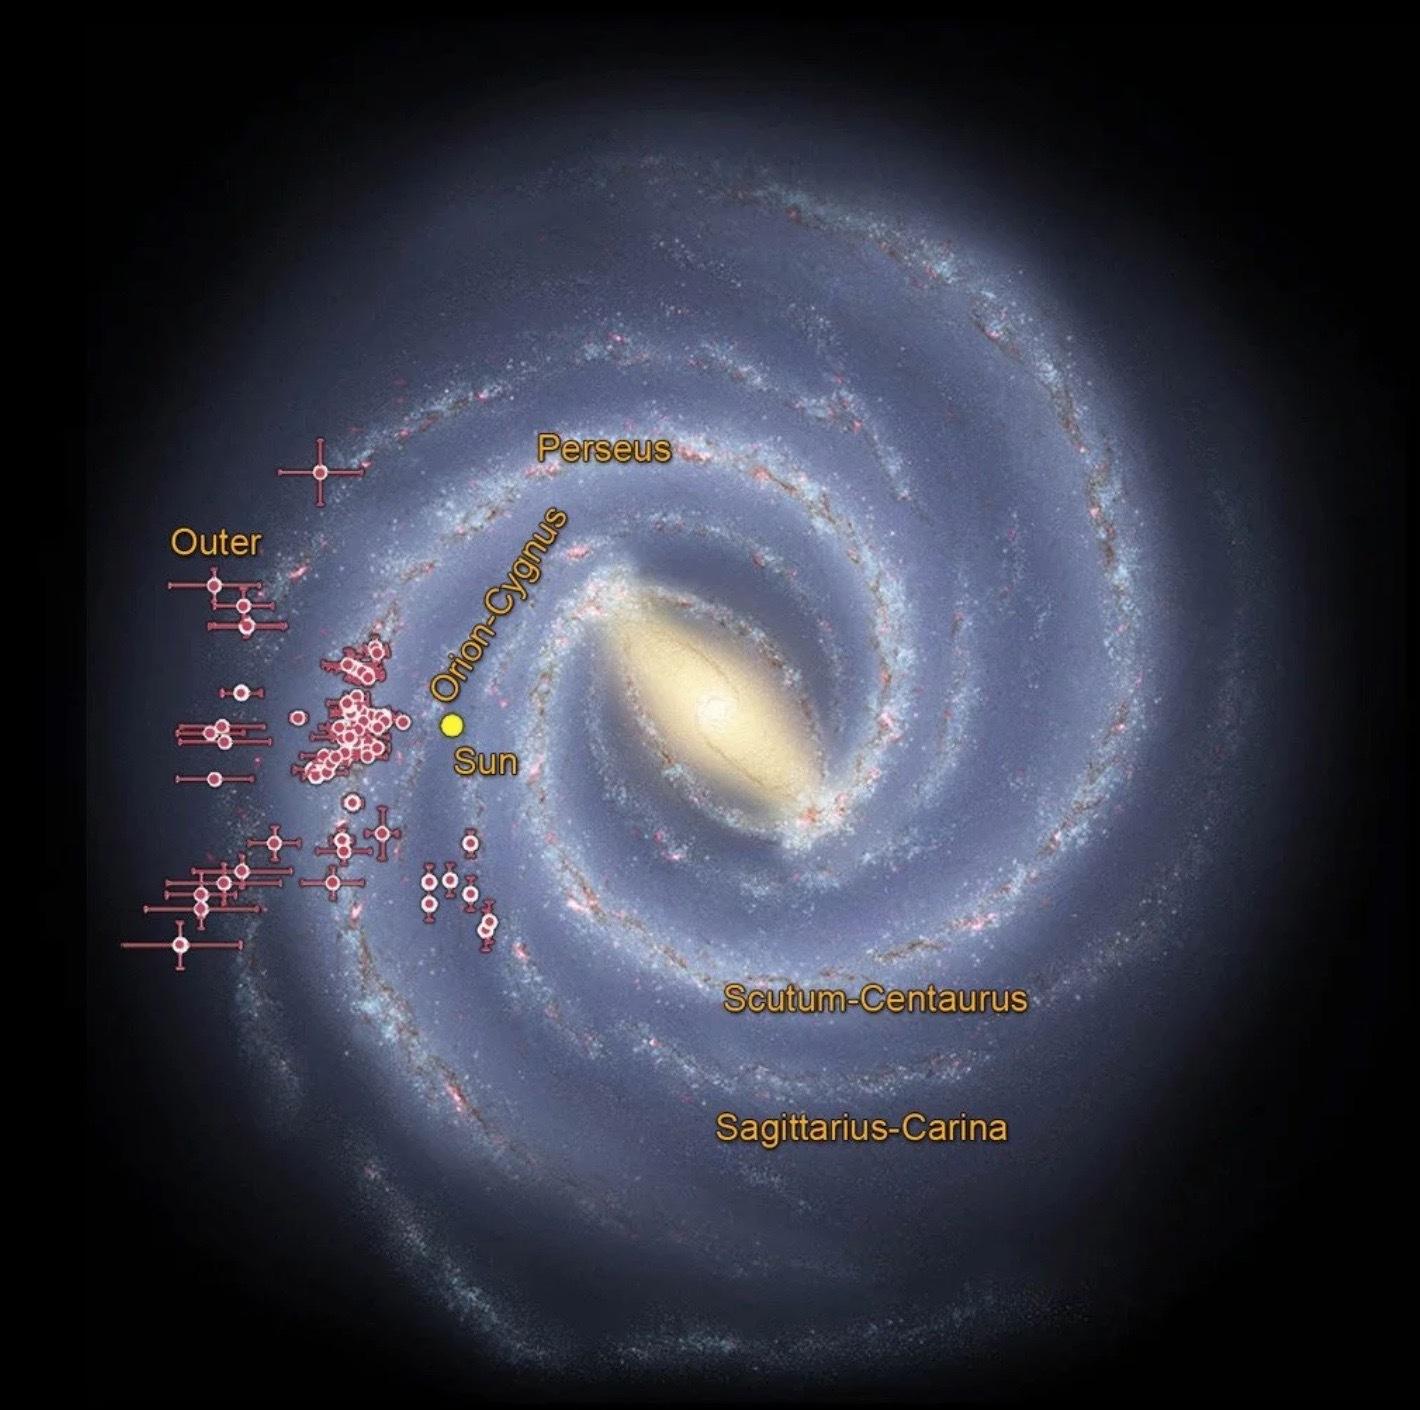 どうして天の川銀河が「渦巻銀河」だとわかるの? - ナゾロジー